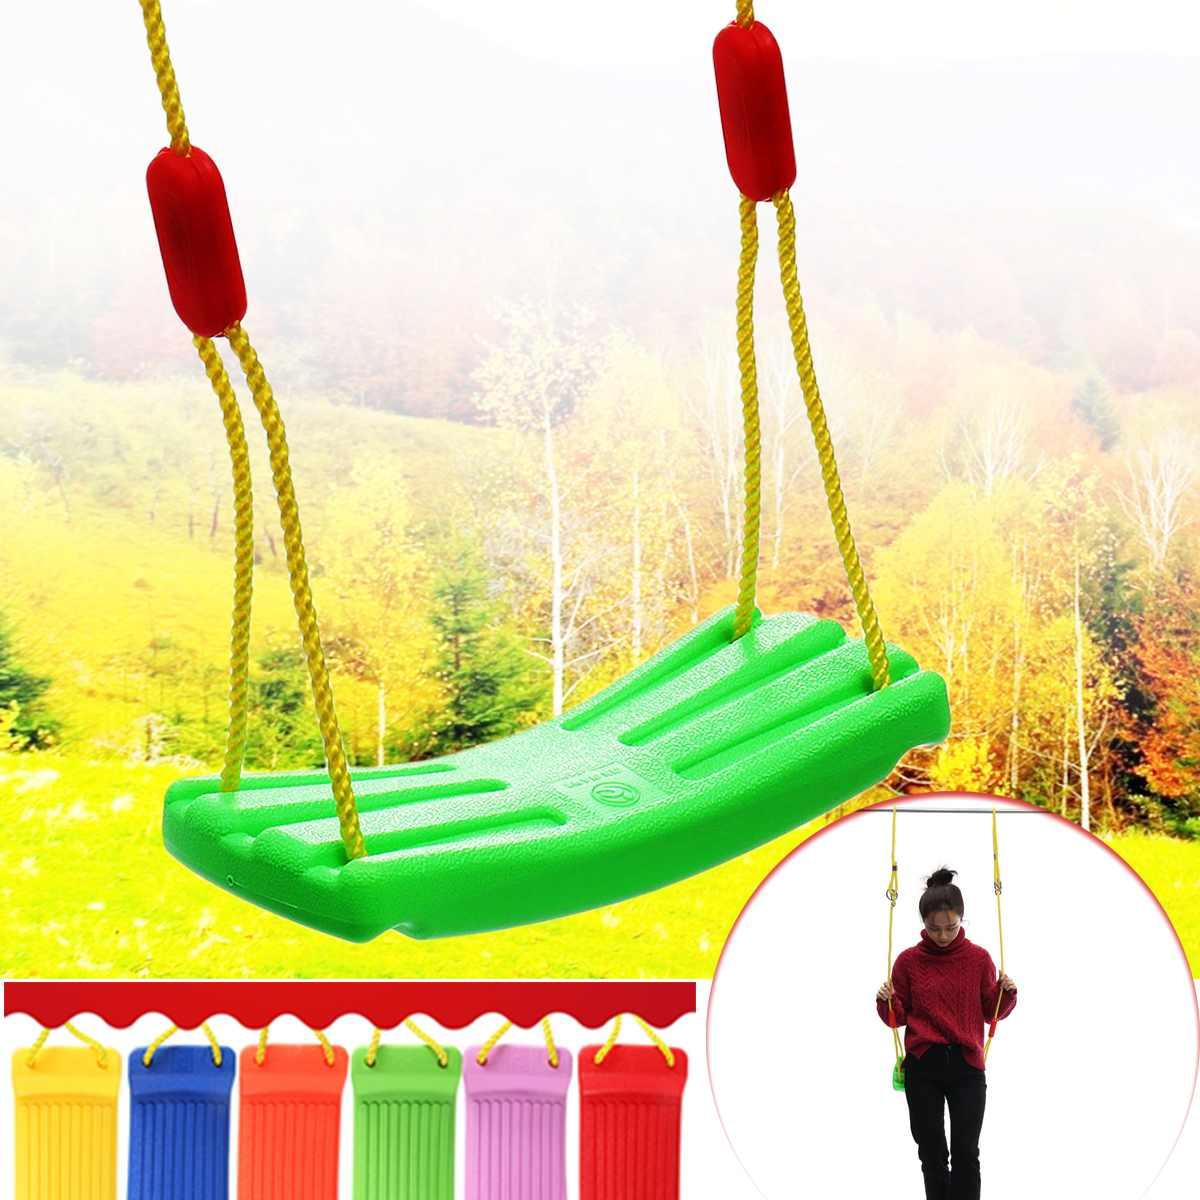 Indoor Outdoor Garden Swing Seat Baby Kids Children Toy U Type Adjustable  Rope Plastic Candy Color 37X17Cm Indoor Sport Regarding Nest Swings With Adjustable Ropes (View 12 of 25)